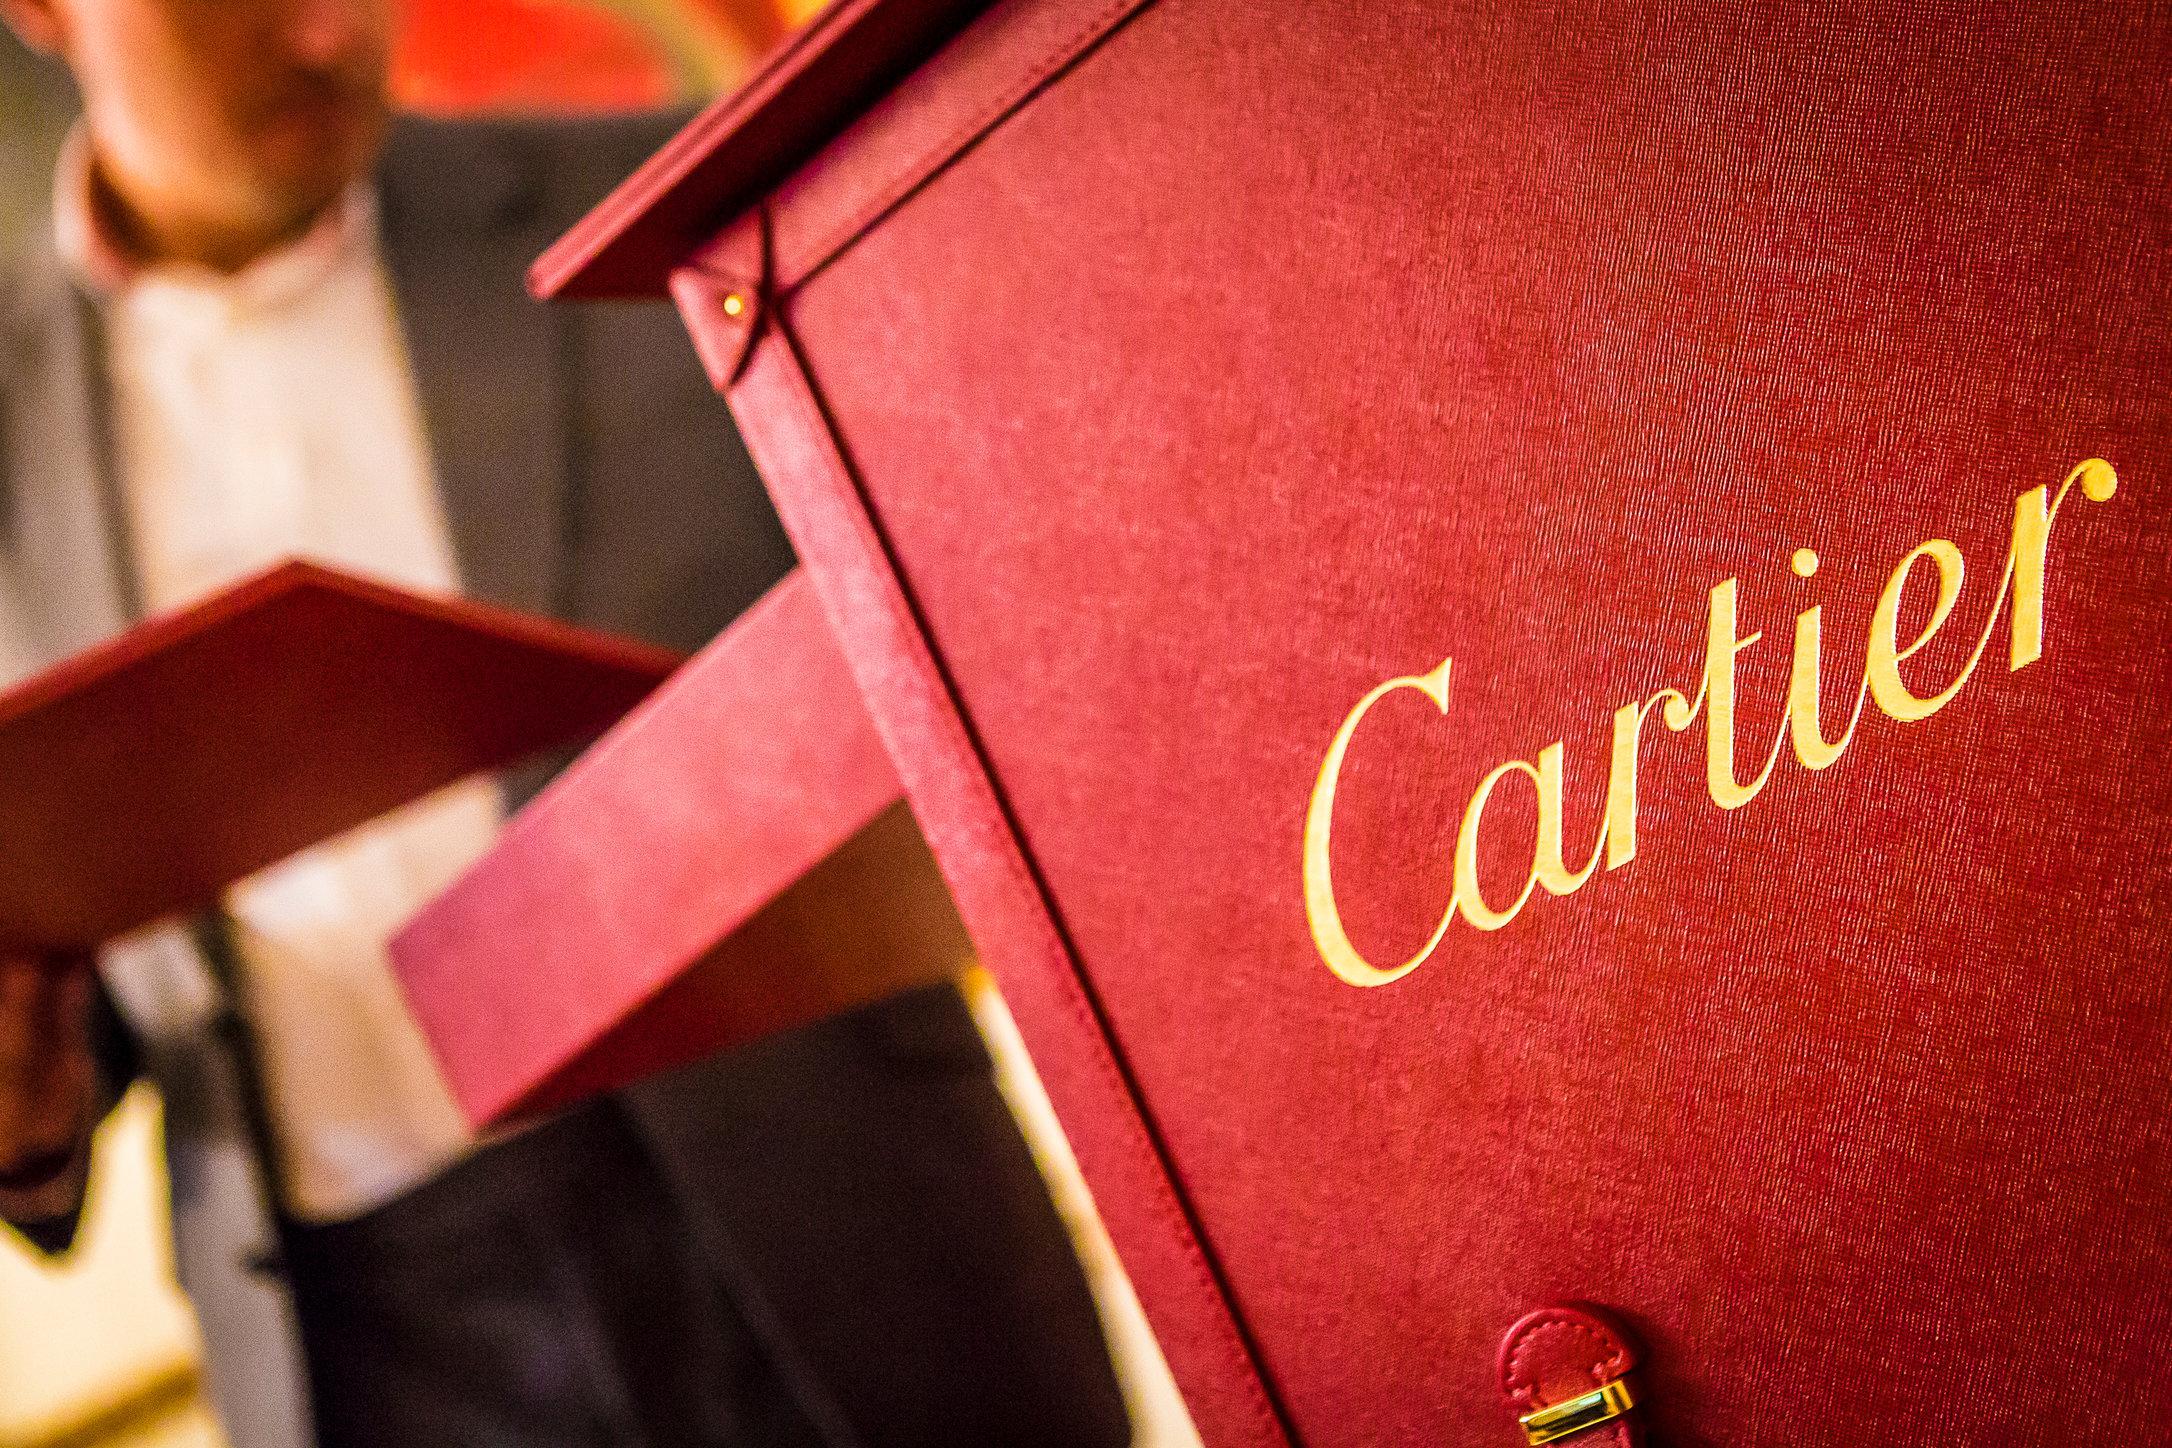 Cartier-7712-HighRes.jpg